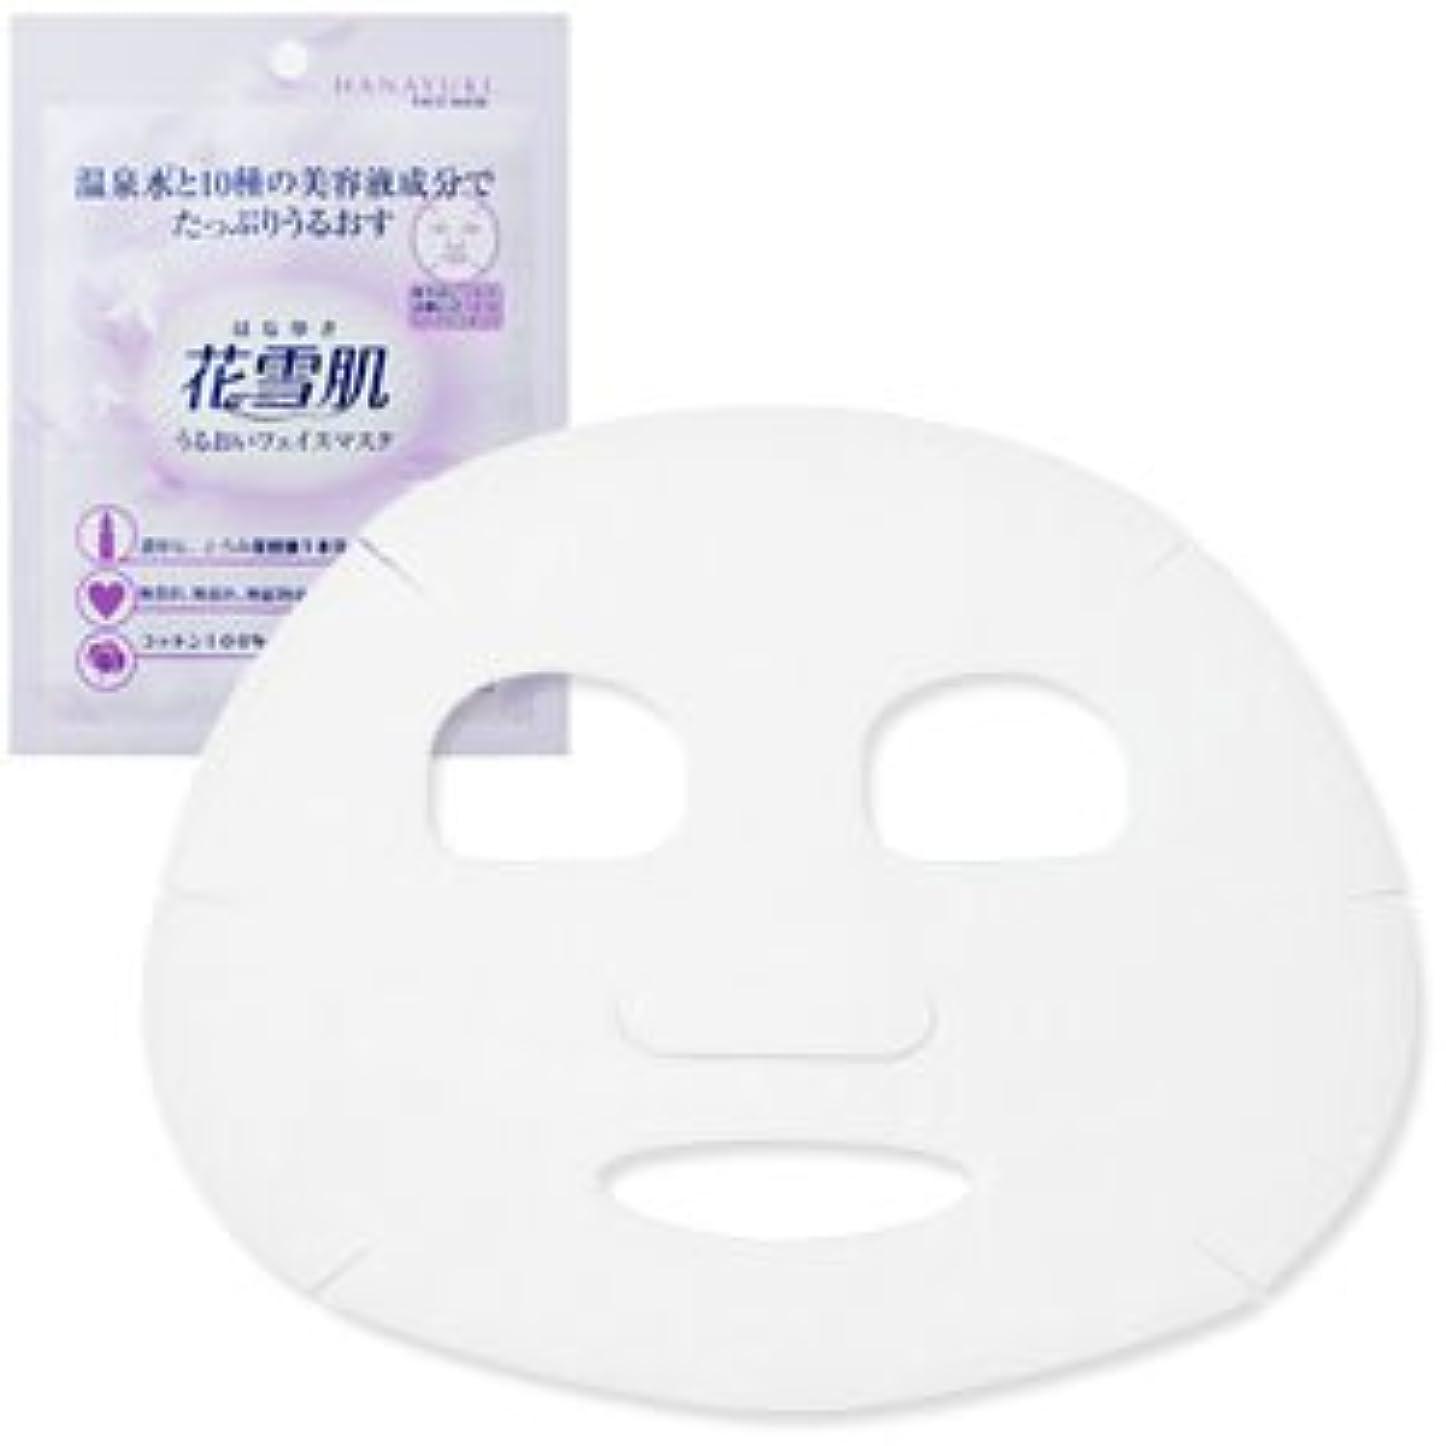 入射ブラインド文化花雪肌 うるおいフェイスマスク 10枚セット [10種類の美容液成分を配合] ヒアルロン酸 コラーゲン フェイスパック